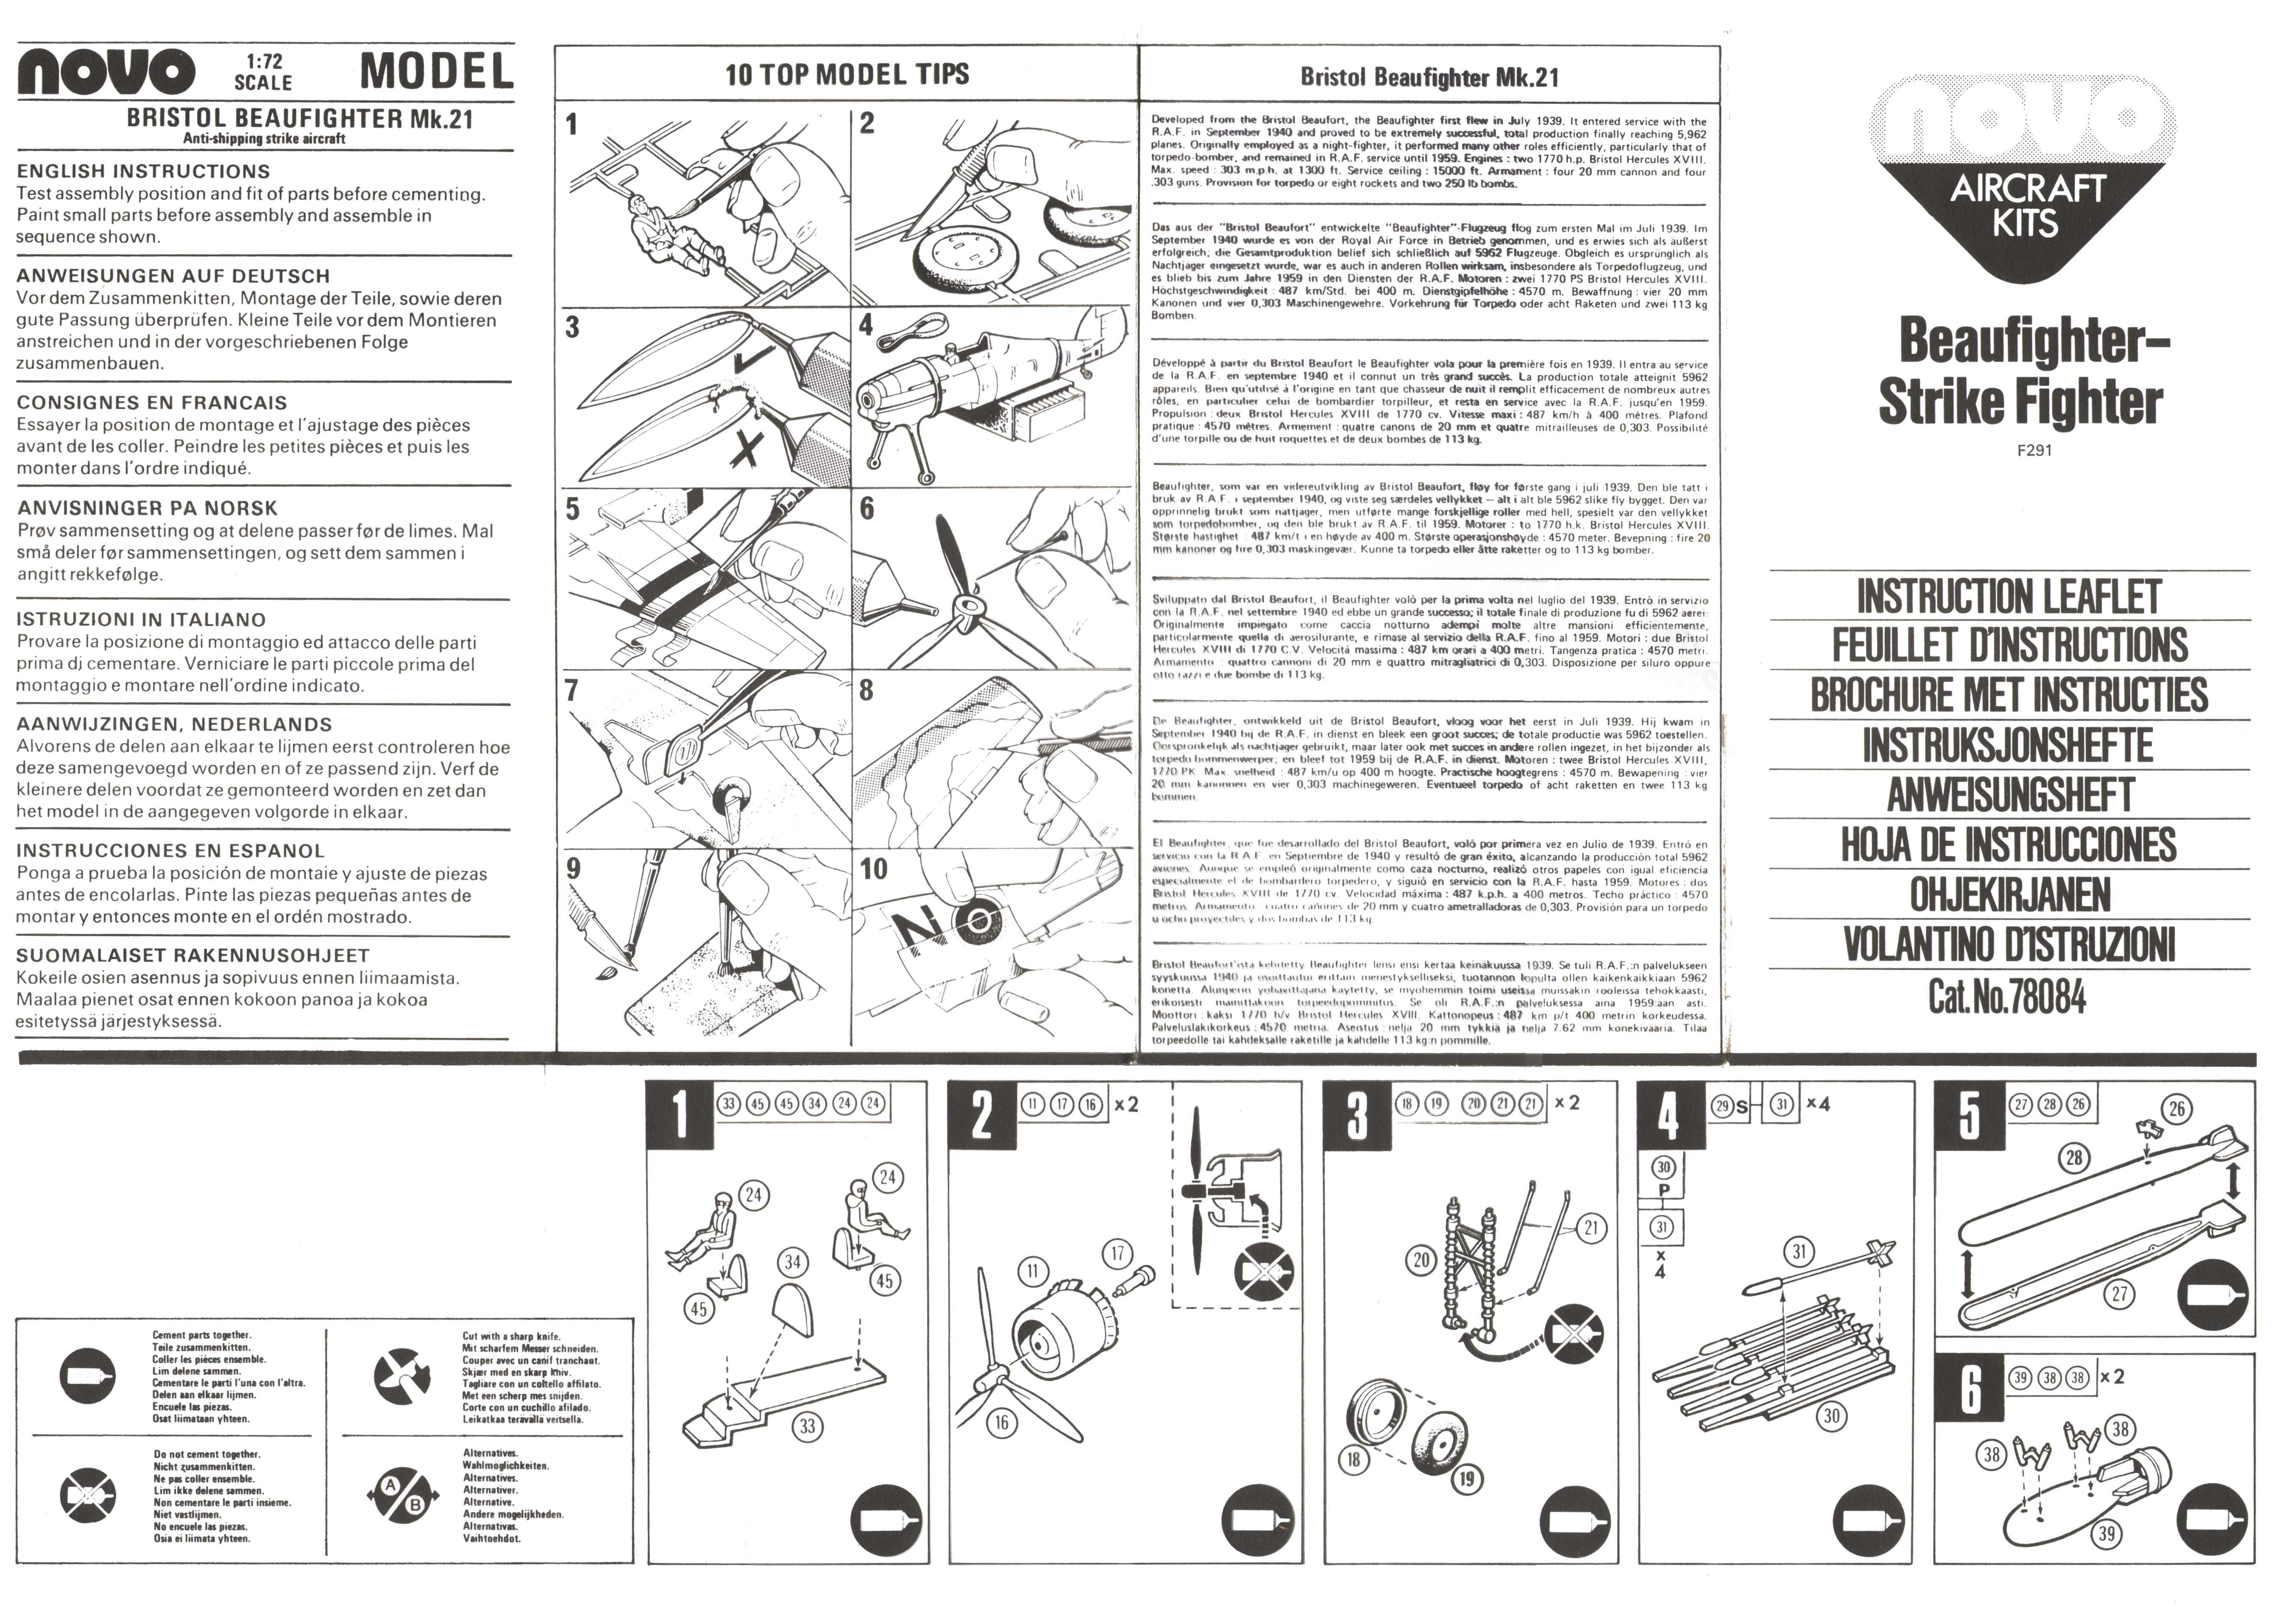 Инструкция NOVO Toys Ltd F291 Beaufighter Mk.21